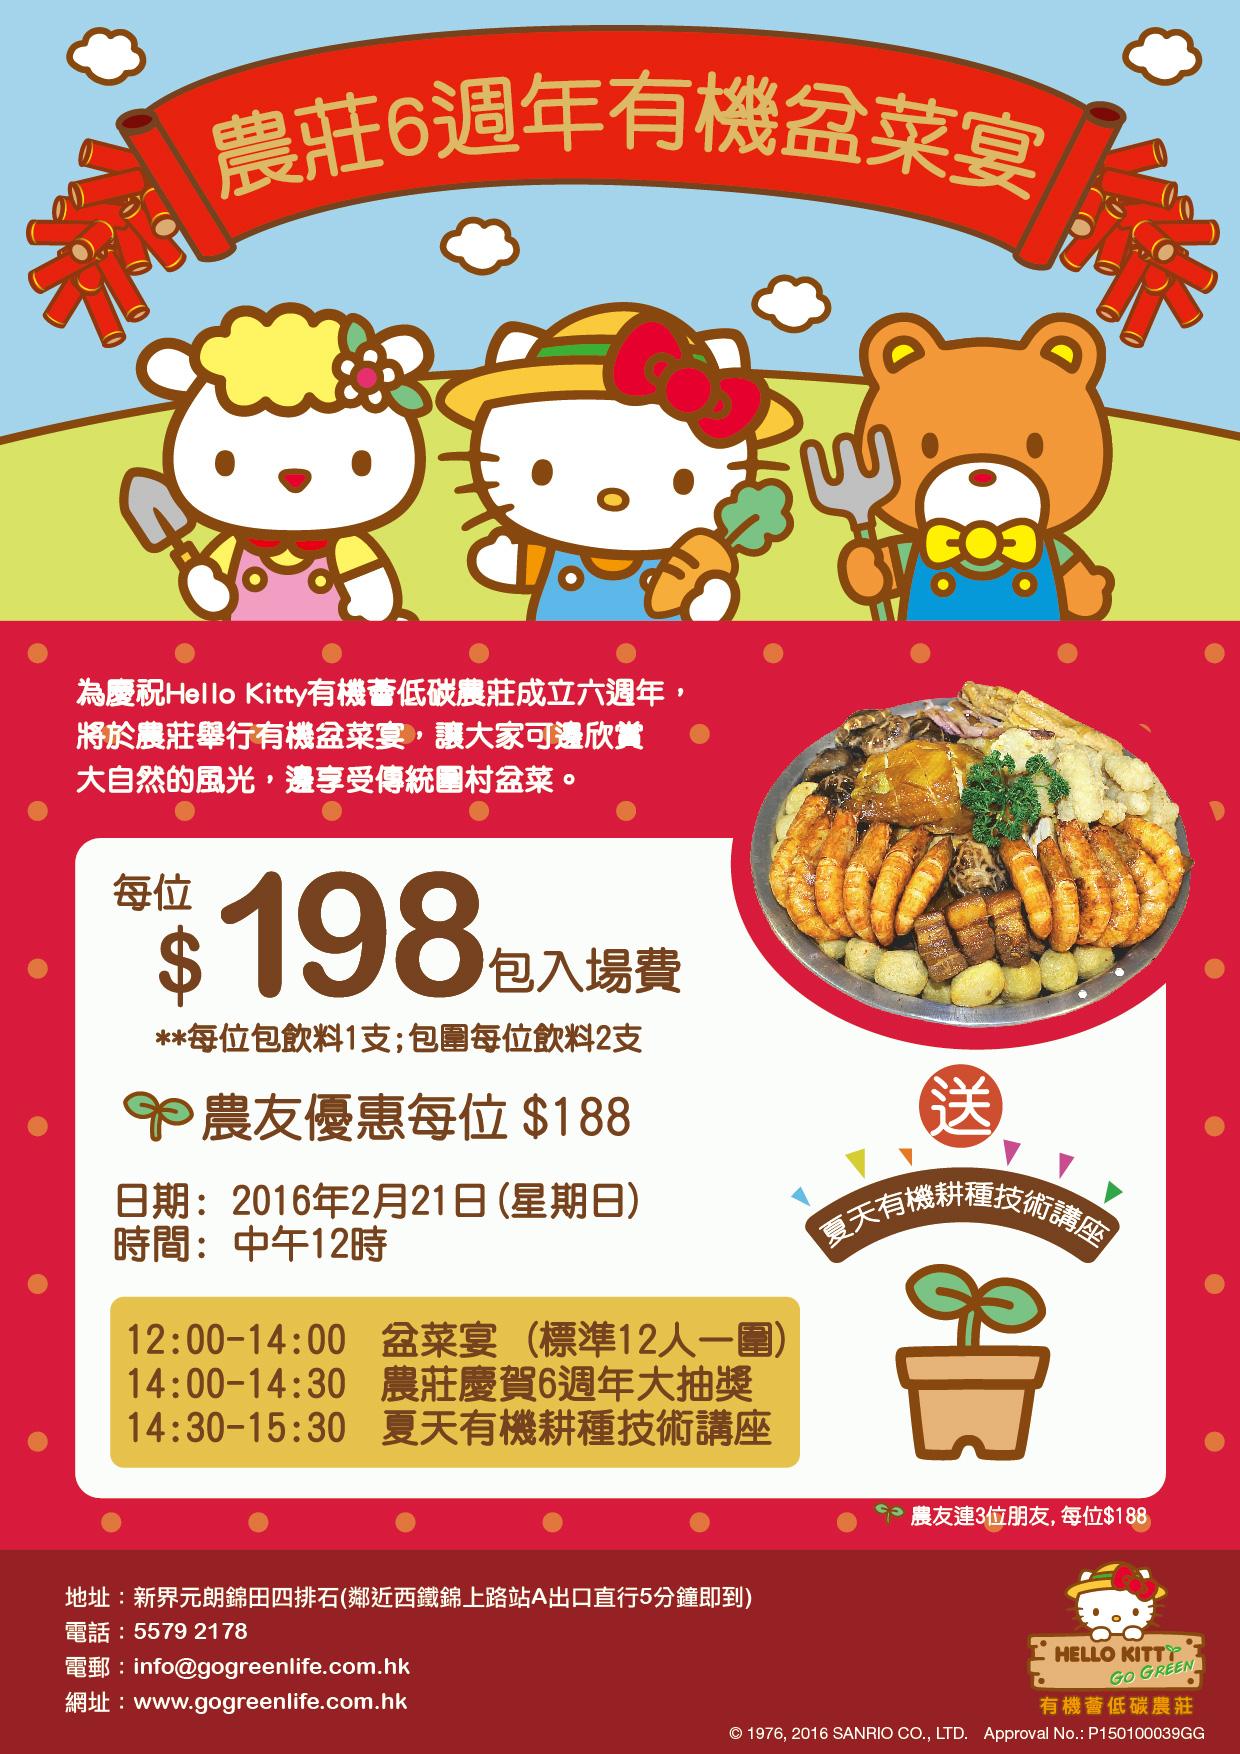 6th盆菜宴_2016-02